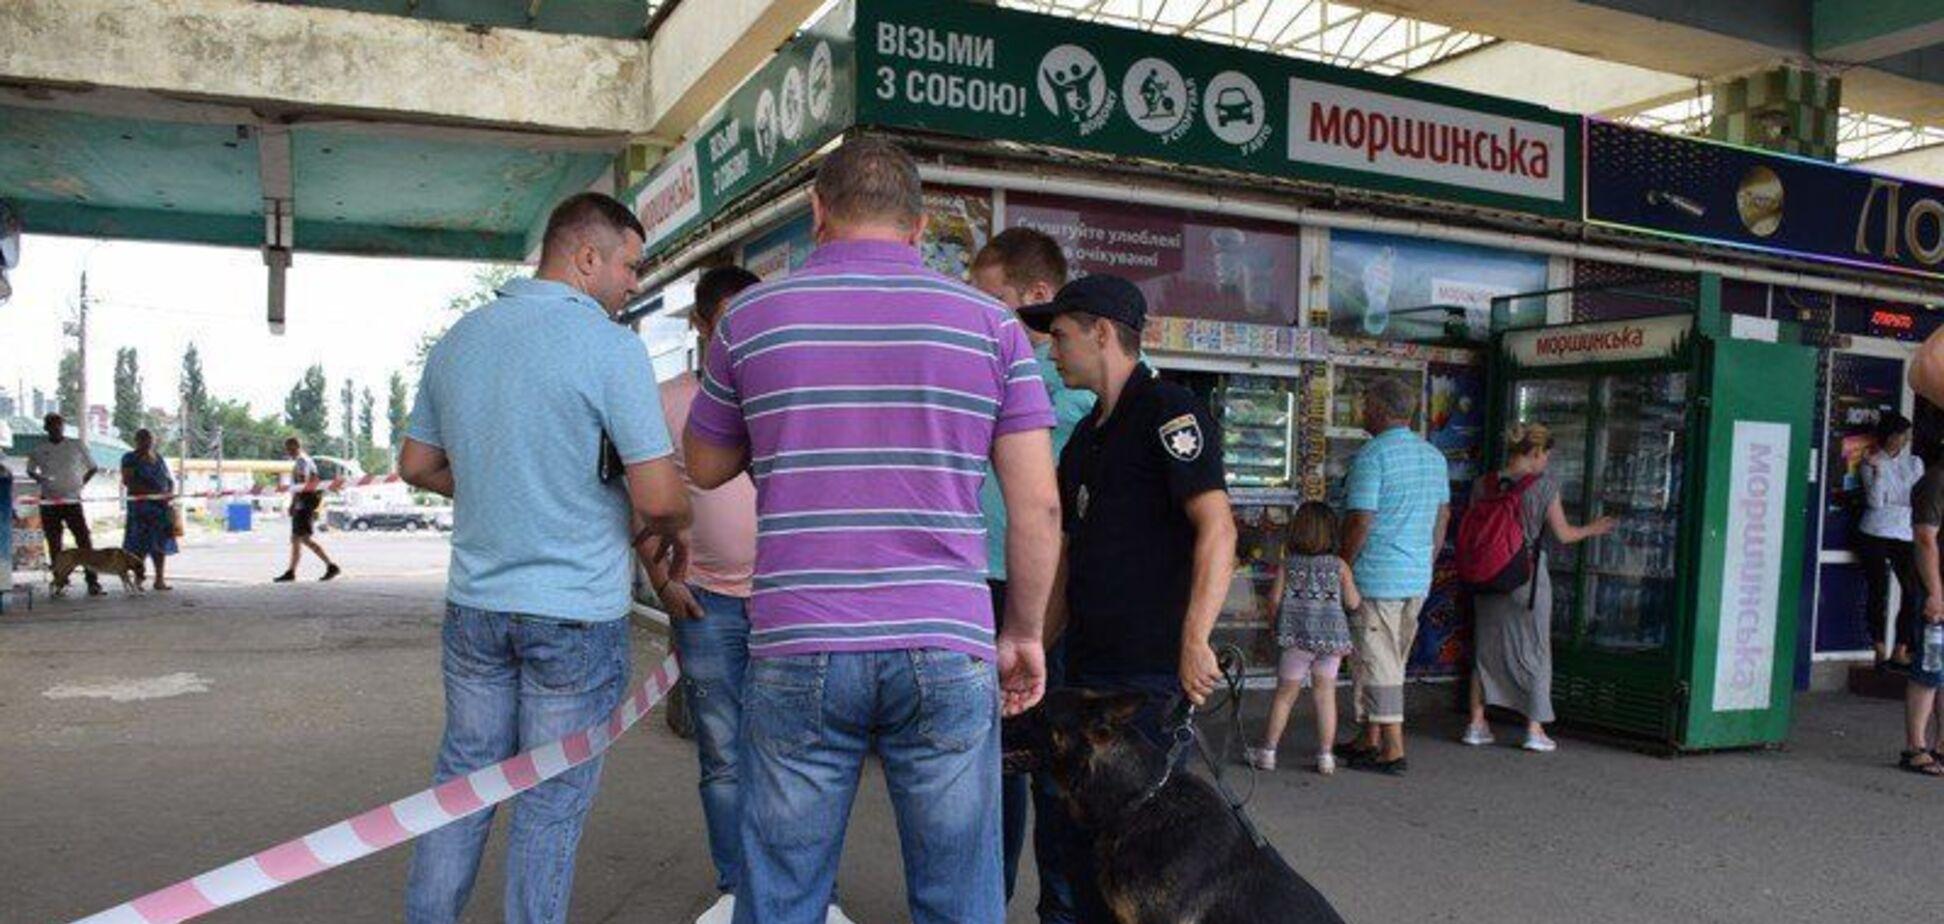 Навіть пуповину не відрізано: у Миколаєві мати викинула немовля на вокзалі